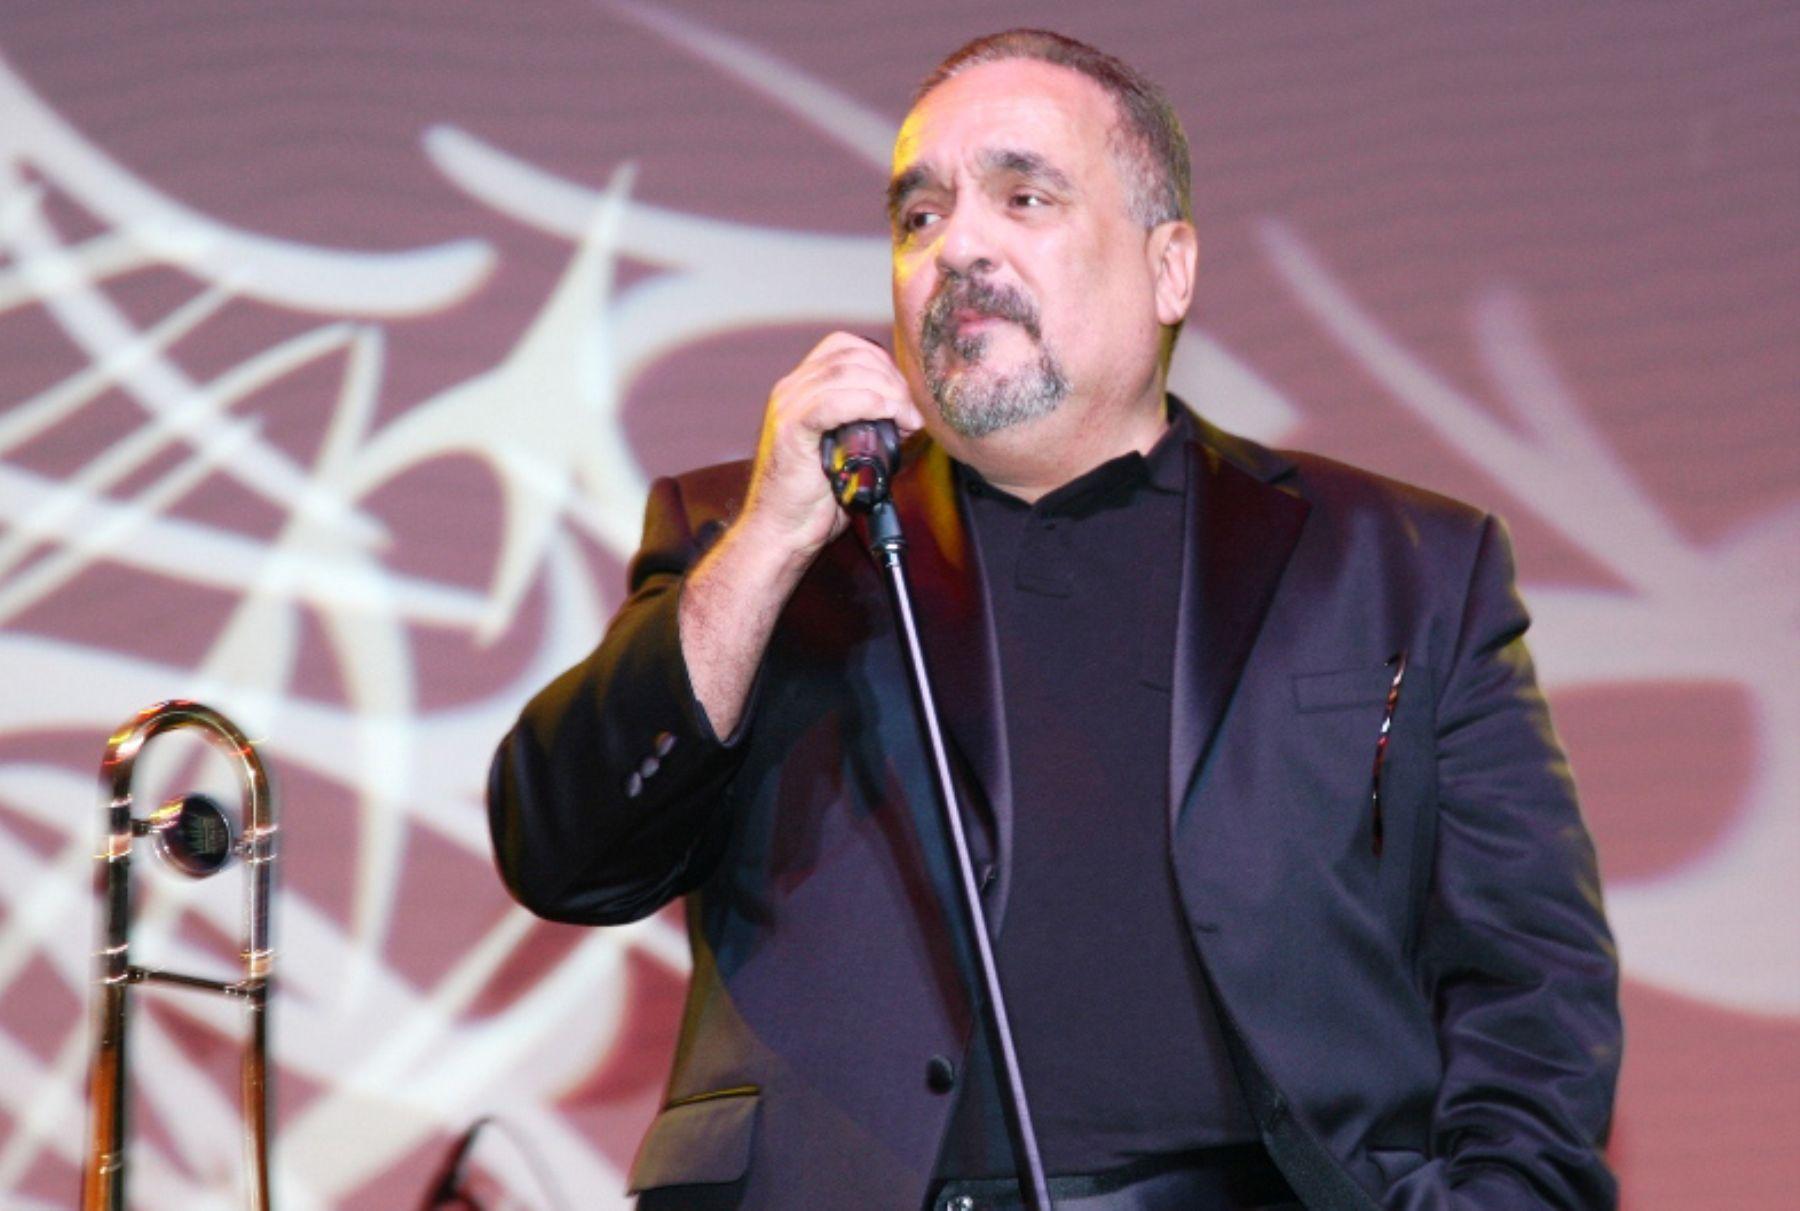 Cantante Willie Colón. INTERNET/Medios